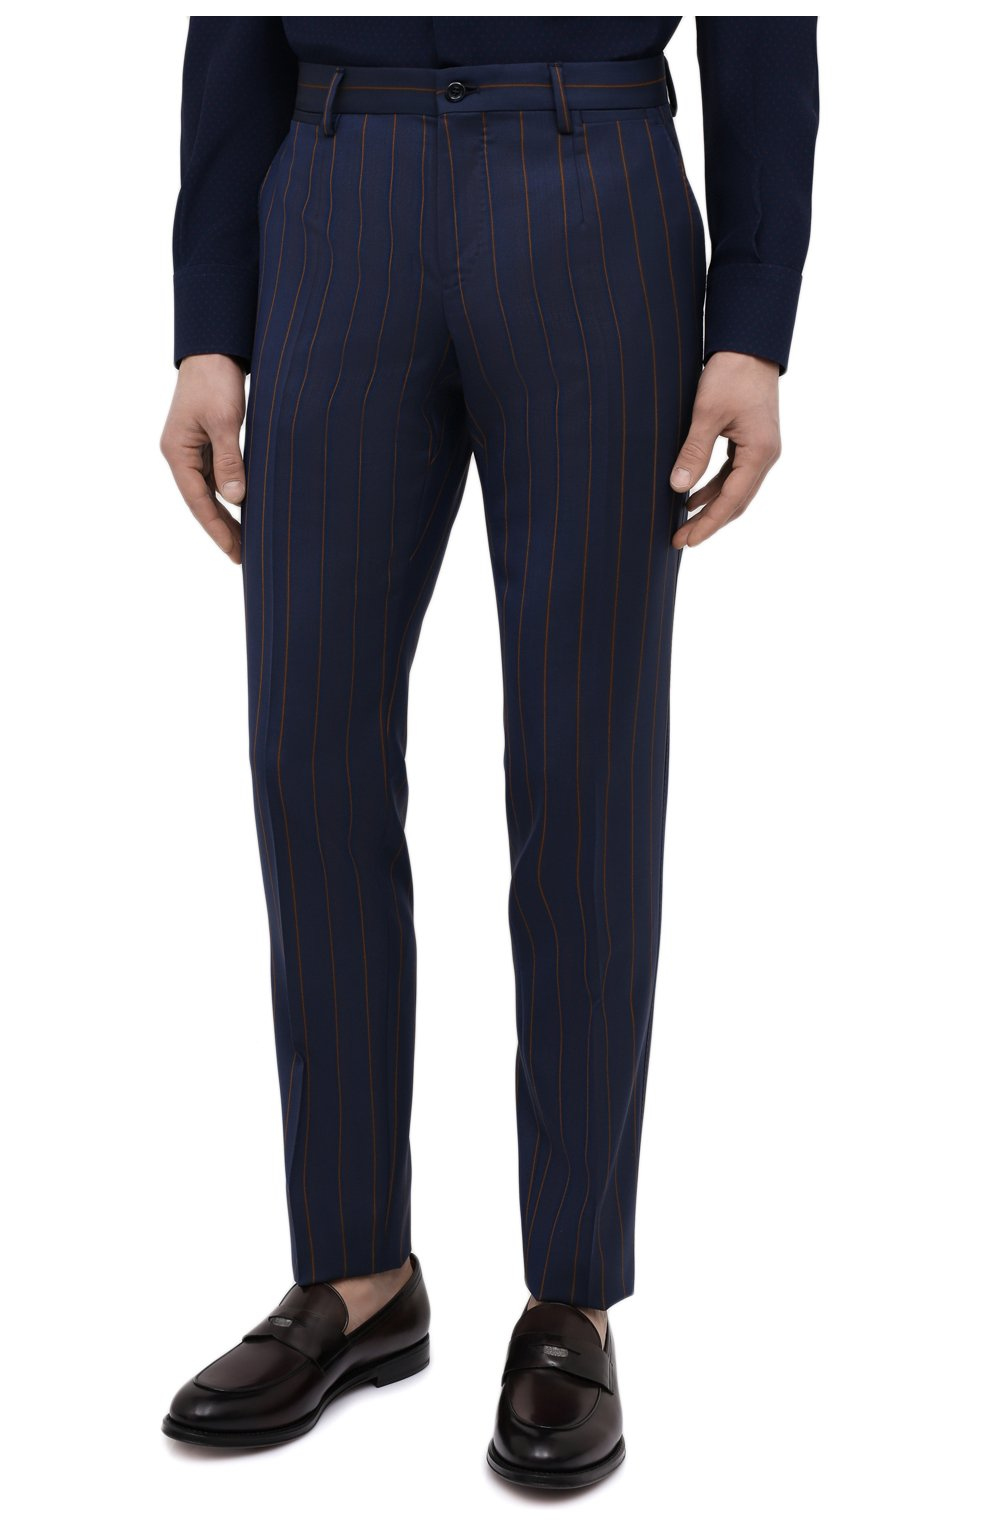 Мужские шерстяные брюки DOLCE & GABBANA синего цвета, арт. GY7BMT/FR2YH | Фото 3 (Материал внешний: Шерсть; Длина (брюки, джинсы): Стандартные; Случай: Повседневный, Формальный; Стили: Классический; Материал подклада: Вискоза)